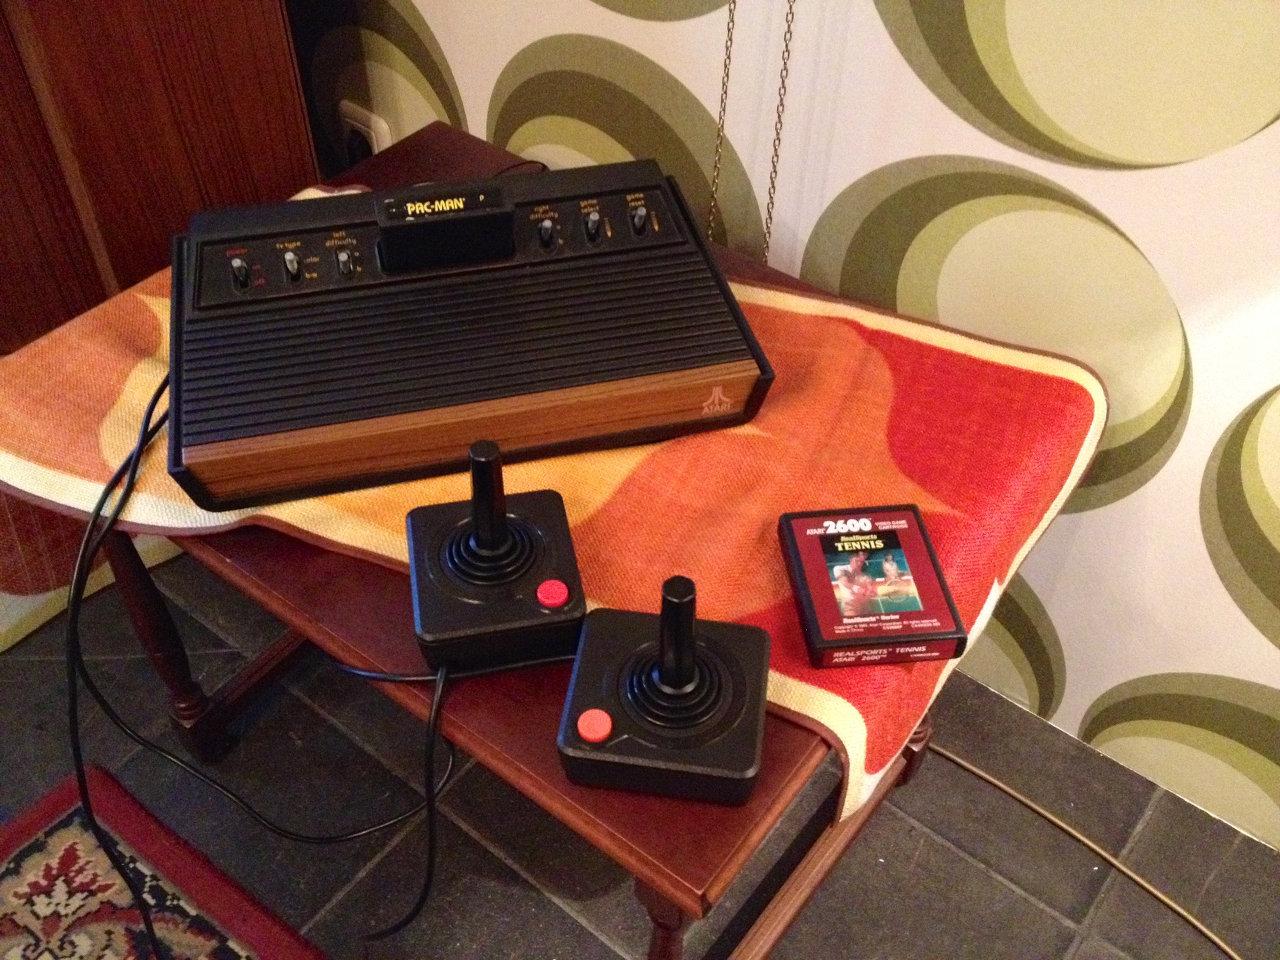 Wie damals - eine Atari VCS bzw. 2600er Spielkonsole mit den legendären CX40 Joysticks. (Bild: André Eymann)